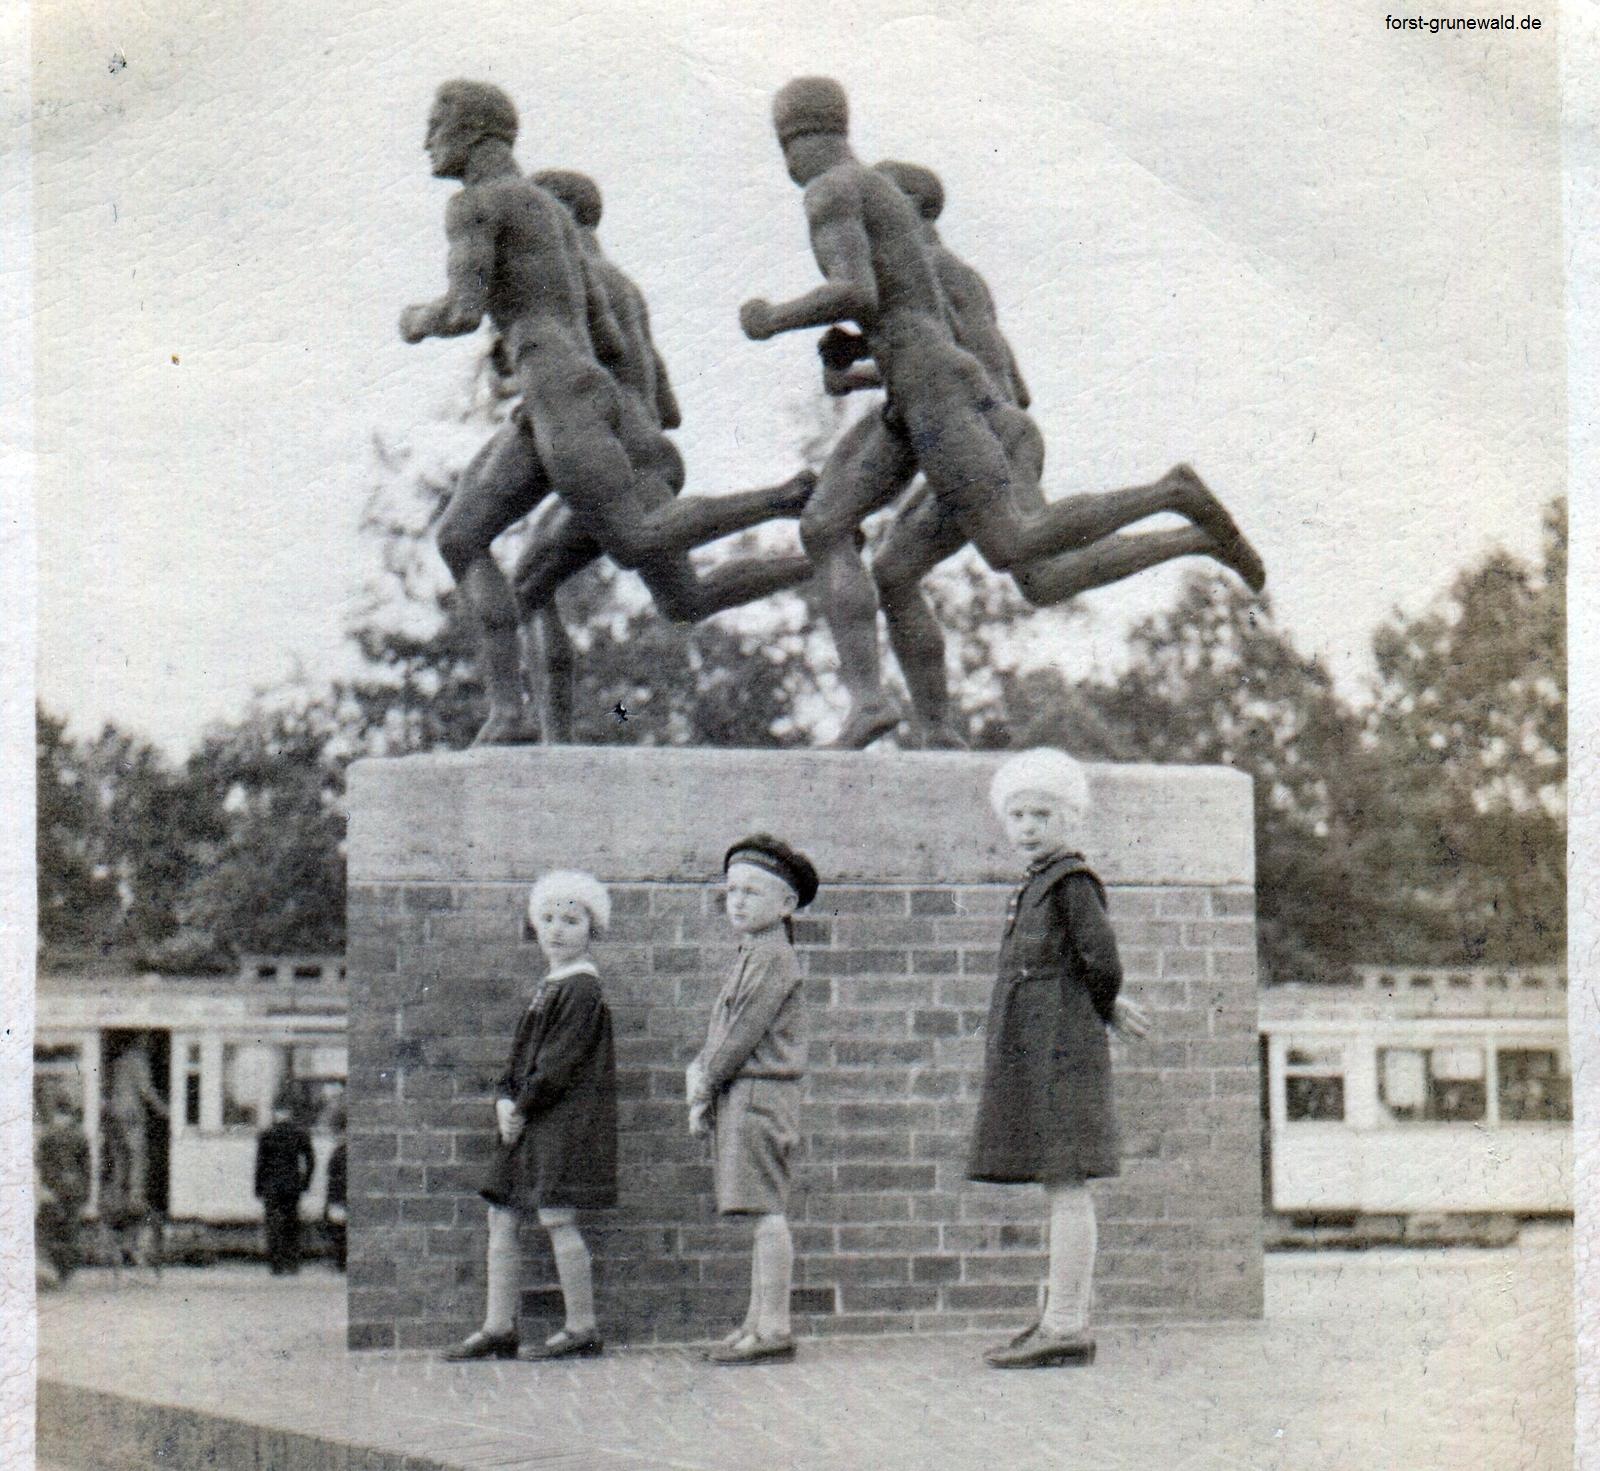 1936 ca. Laeufer Scholzplatz mit Kinder a klein